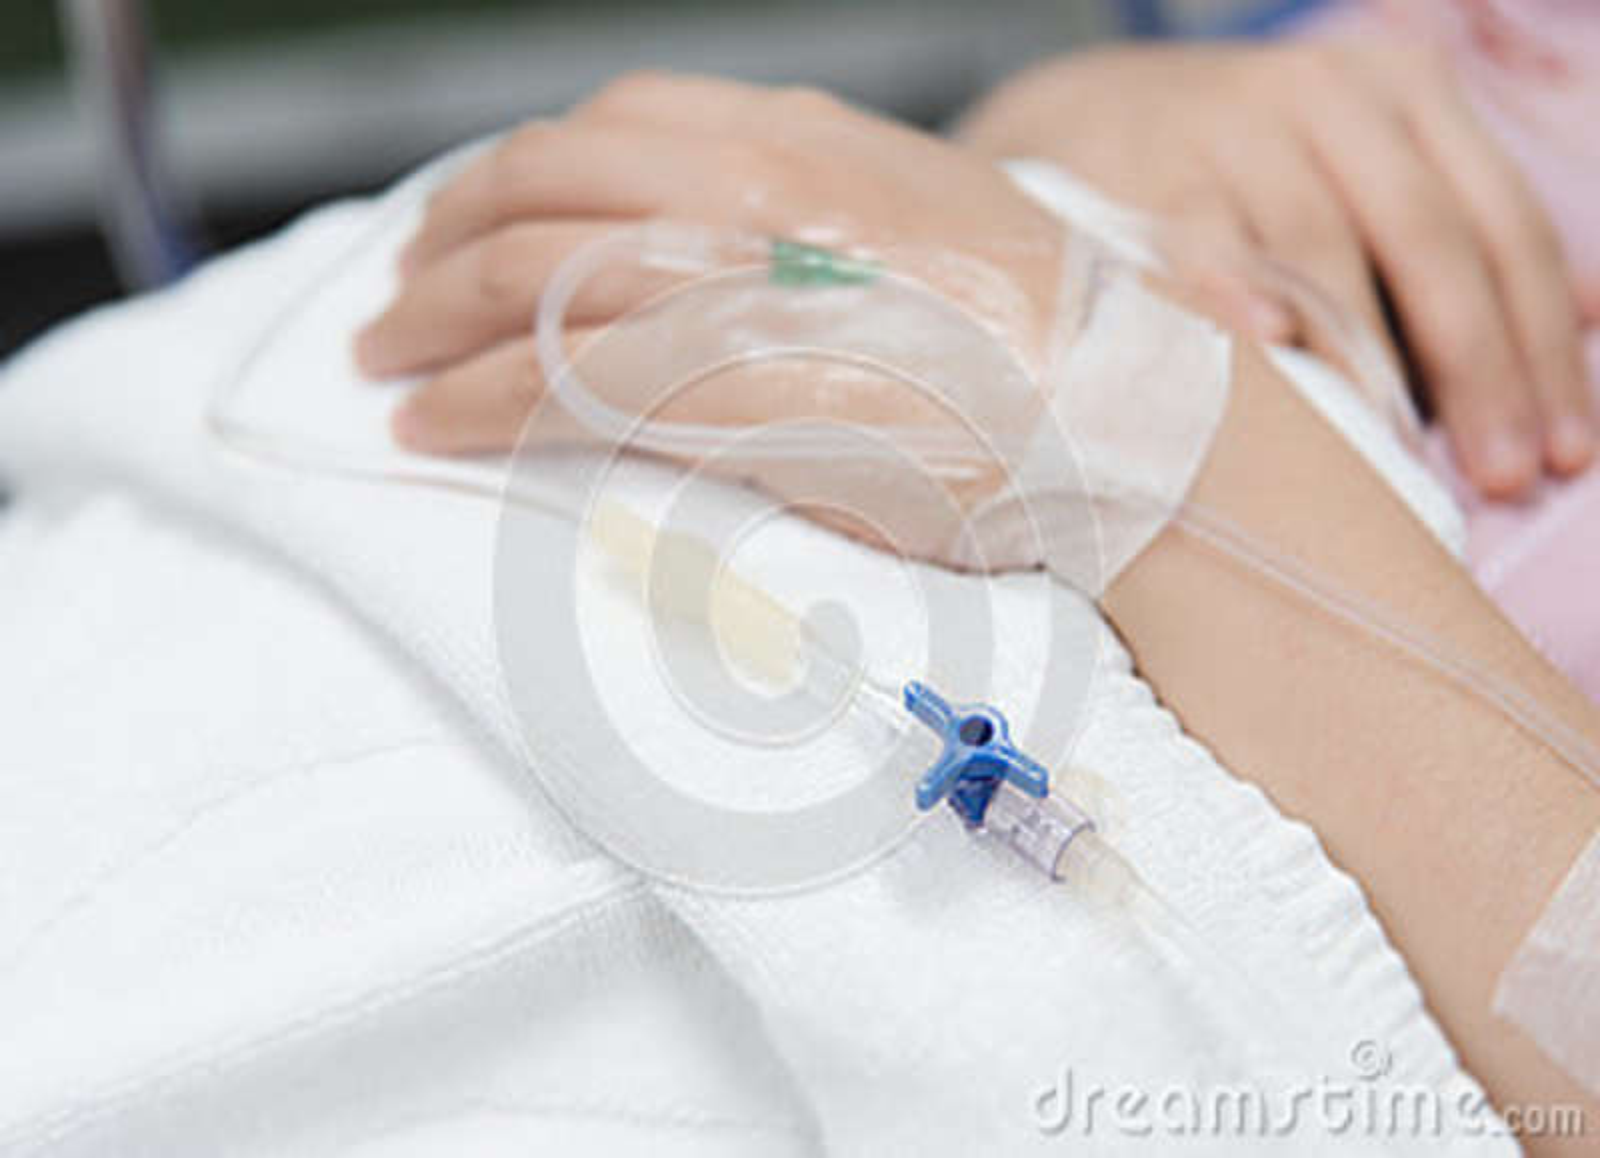 Zakończenia IV igła na pacjencie w szpitalu